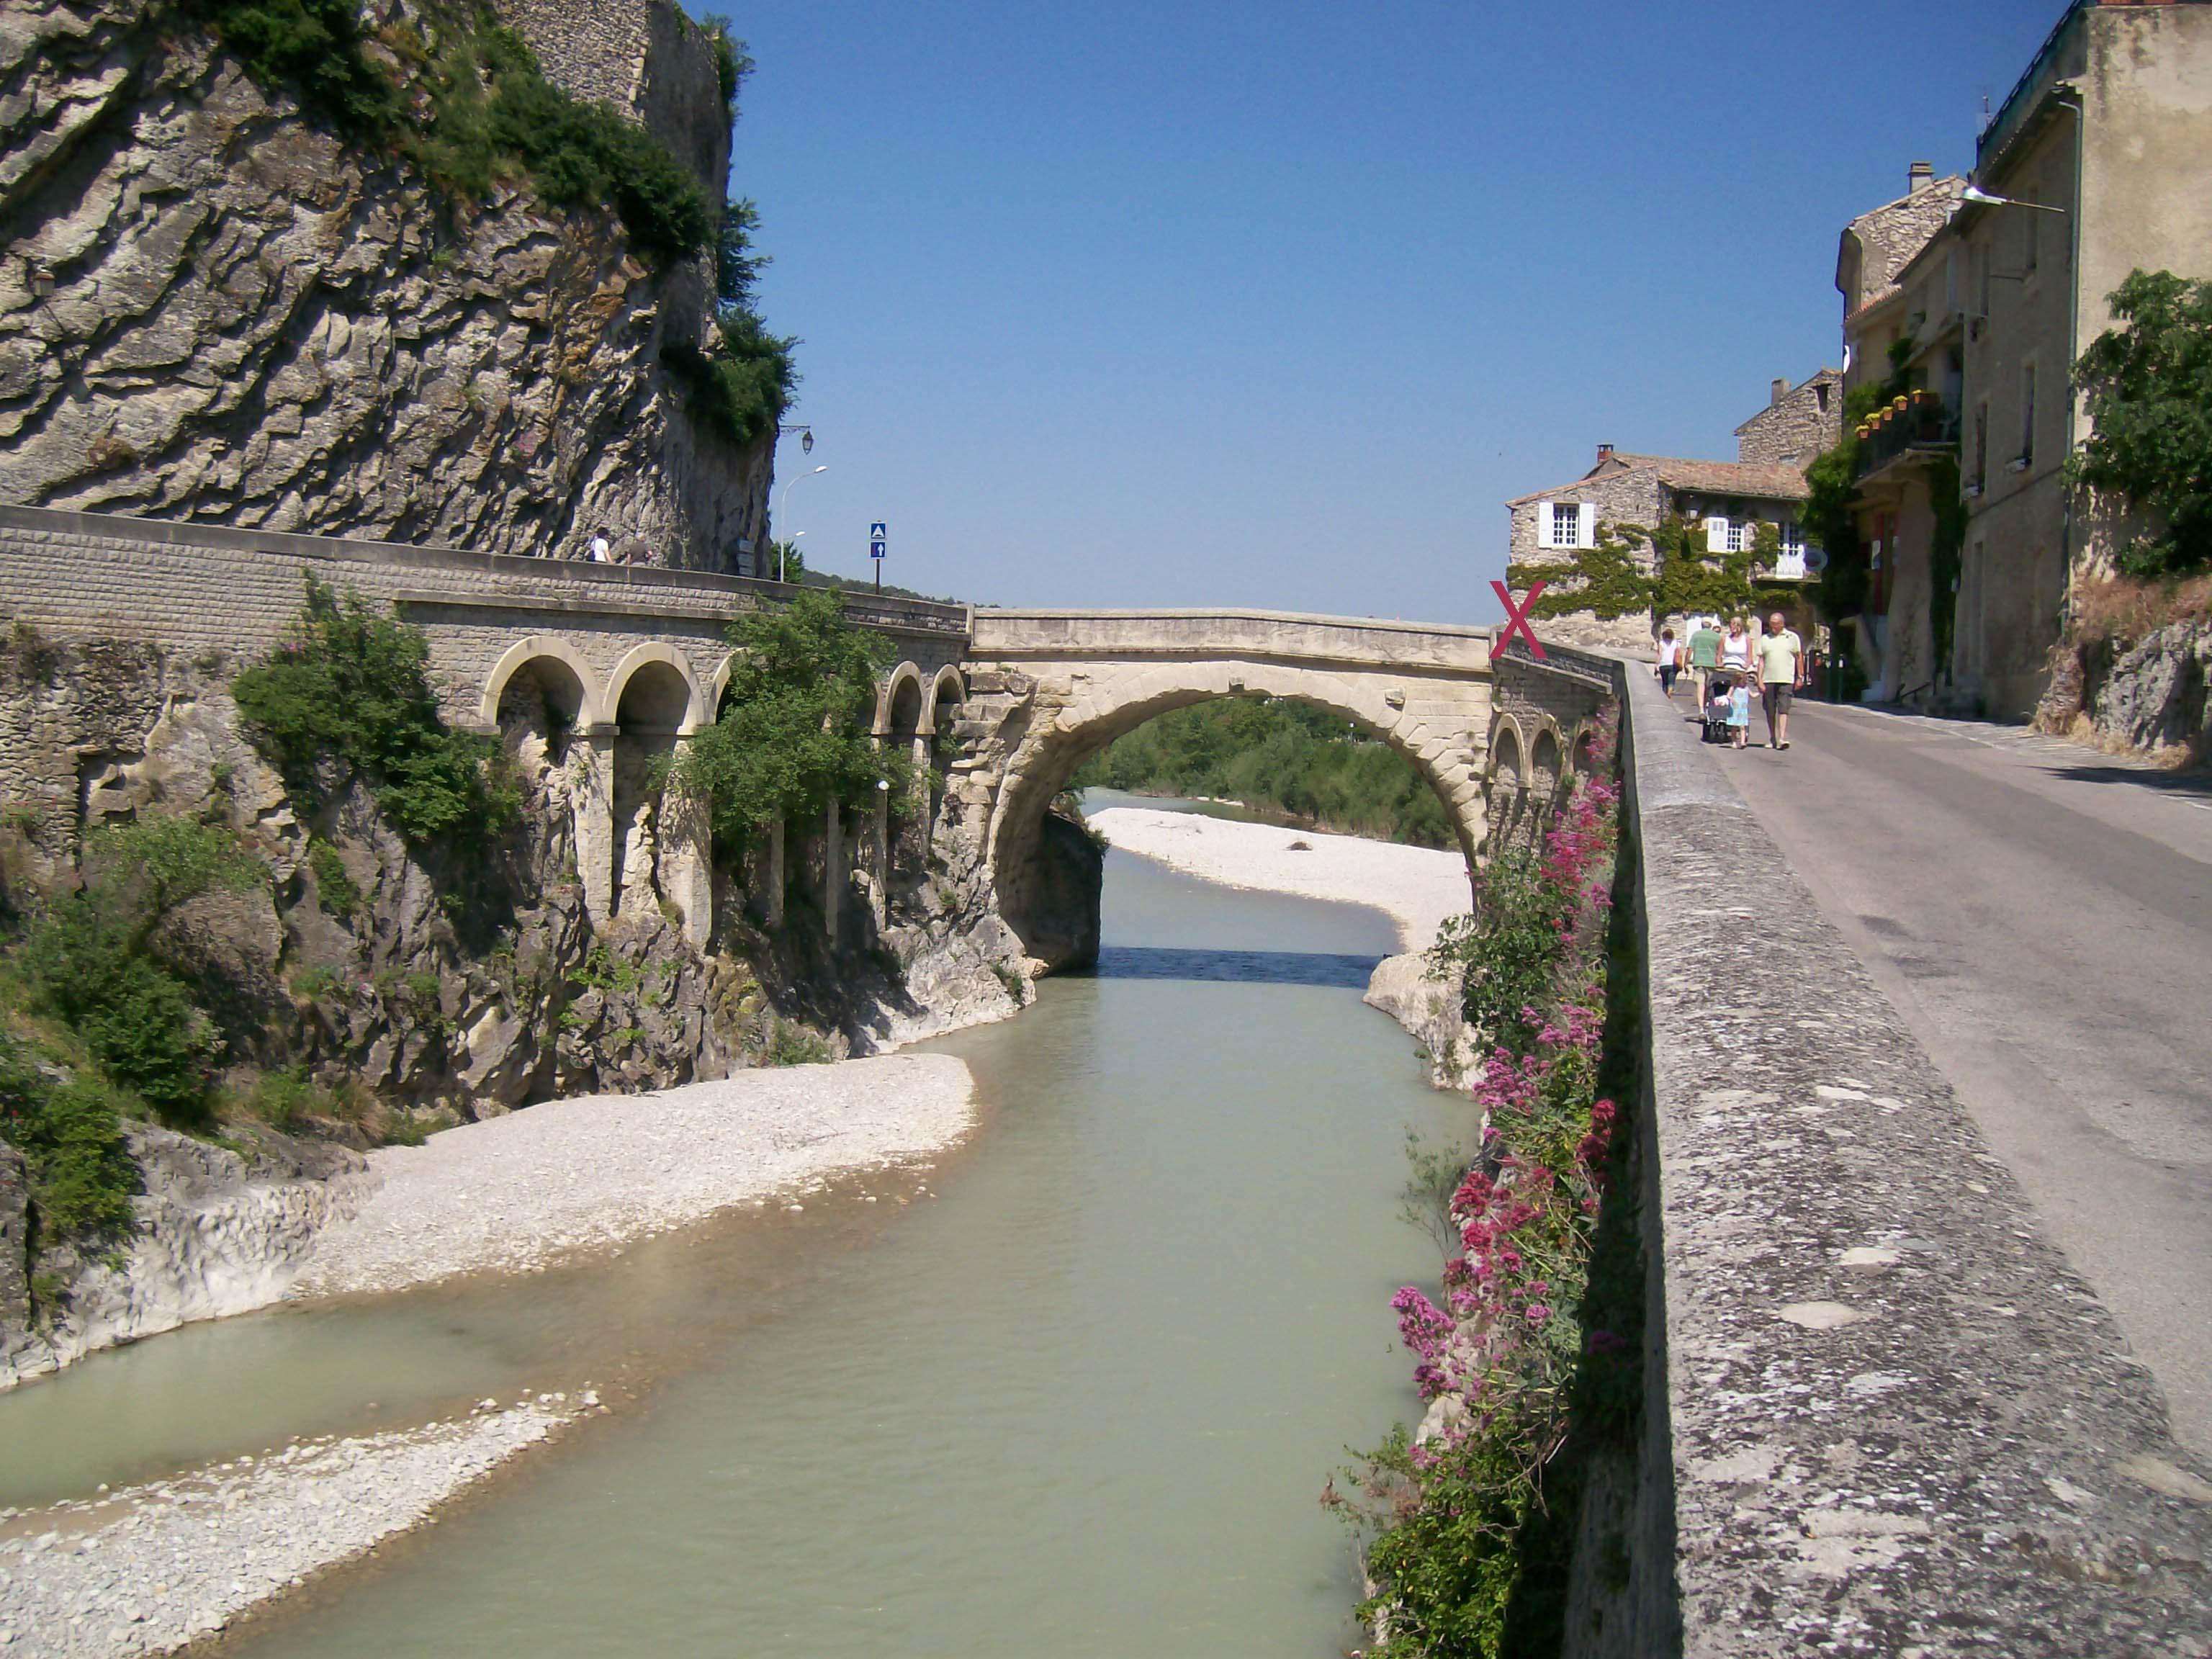 Vaison la romaine la catastrophe pluies extr mes en - Office du tourisme de vaison la romaine ...